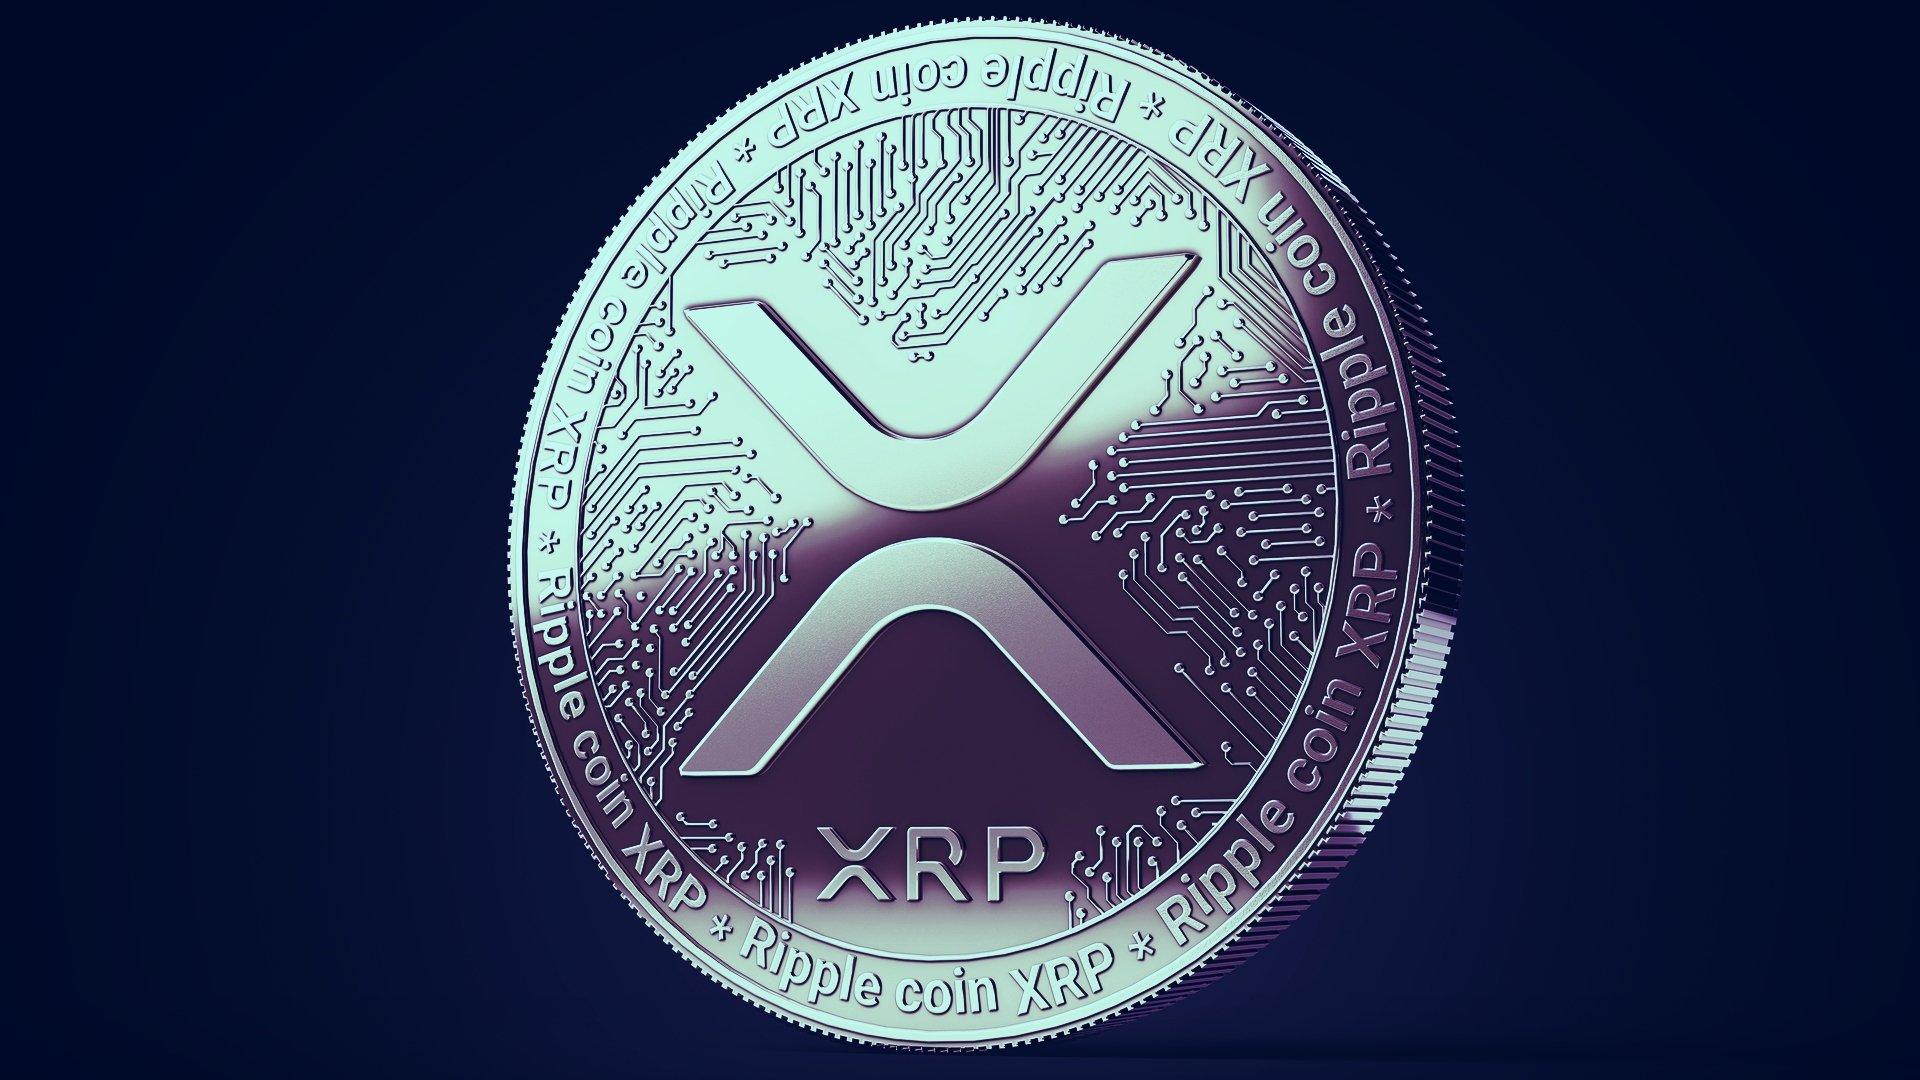 Kripto Para Çöküşüyle Birlikte Ripple (XRP) Fiyatı 1 Doların Altına Düştü! Herhangi Bir Yükseliş Beklentisi Var mı?